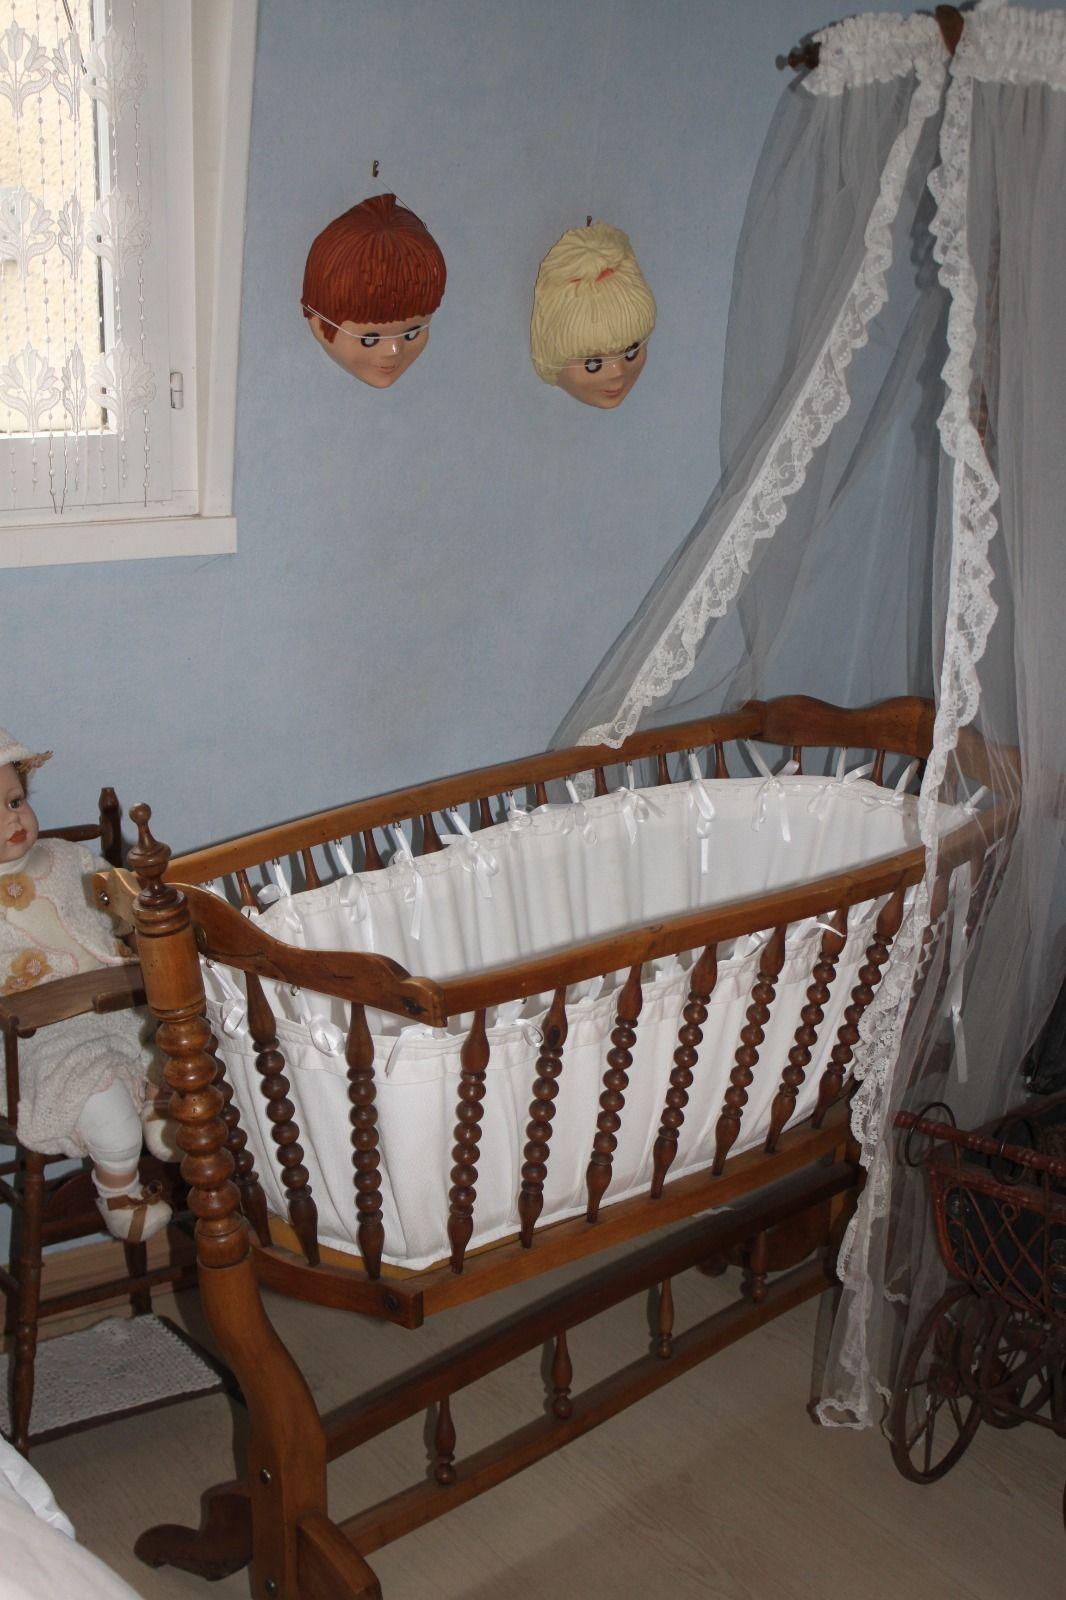 berceau ancien xix e dit bercelonnette ebay ber eaux col de cygne pinterest berceau. Black Bedroom Furniture Sets. Home Design Ideas